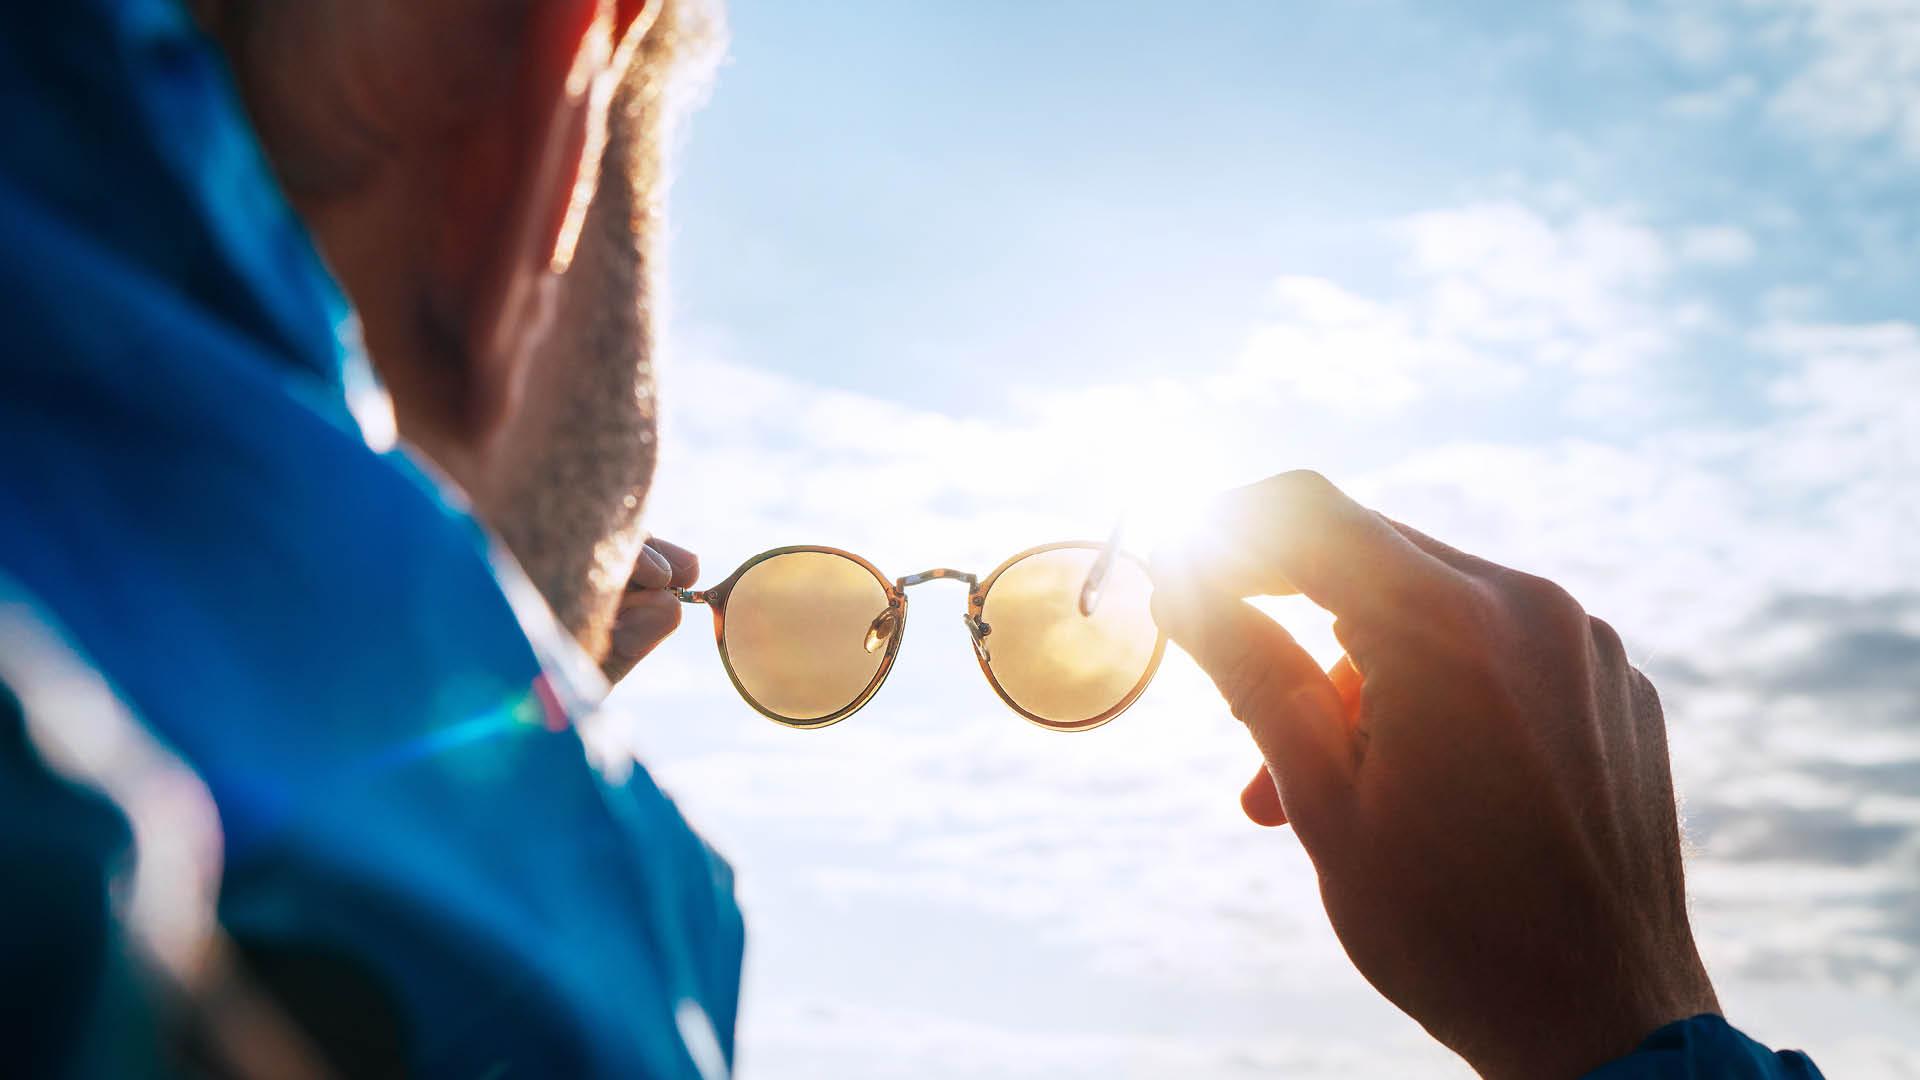 Mann med solbriller i hendene mot en solfylt himmel.